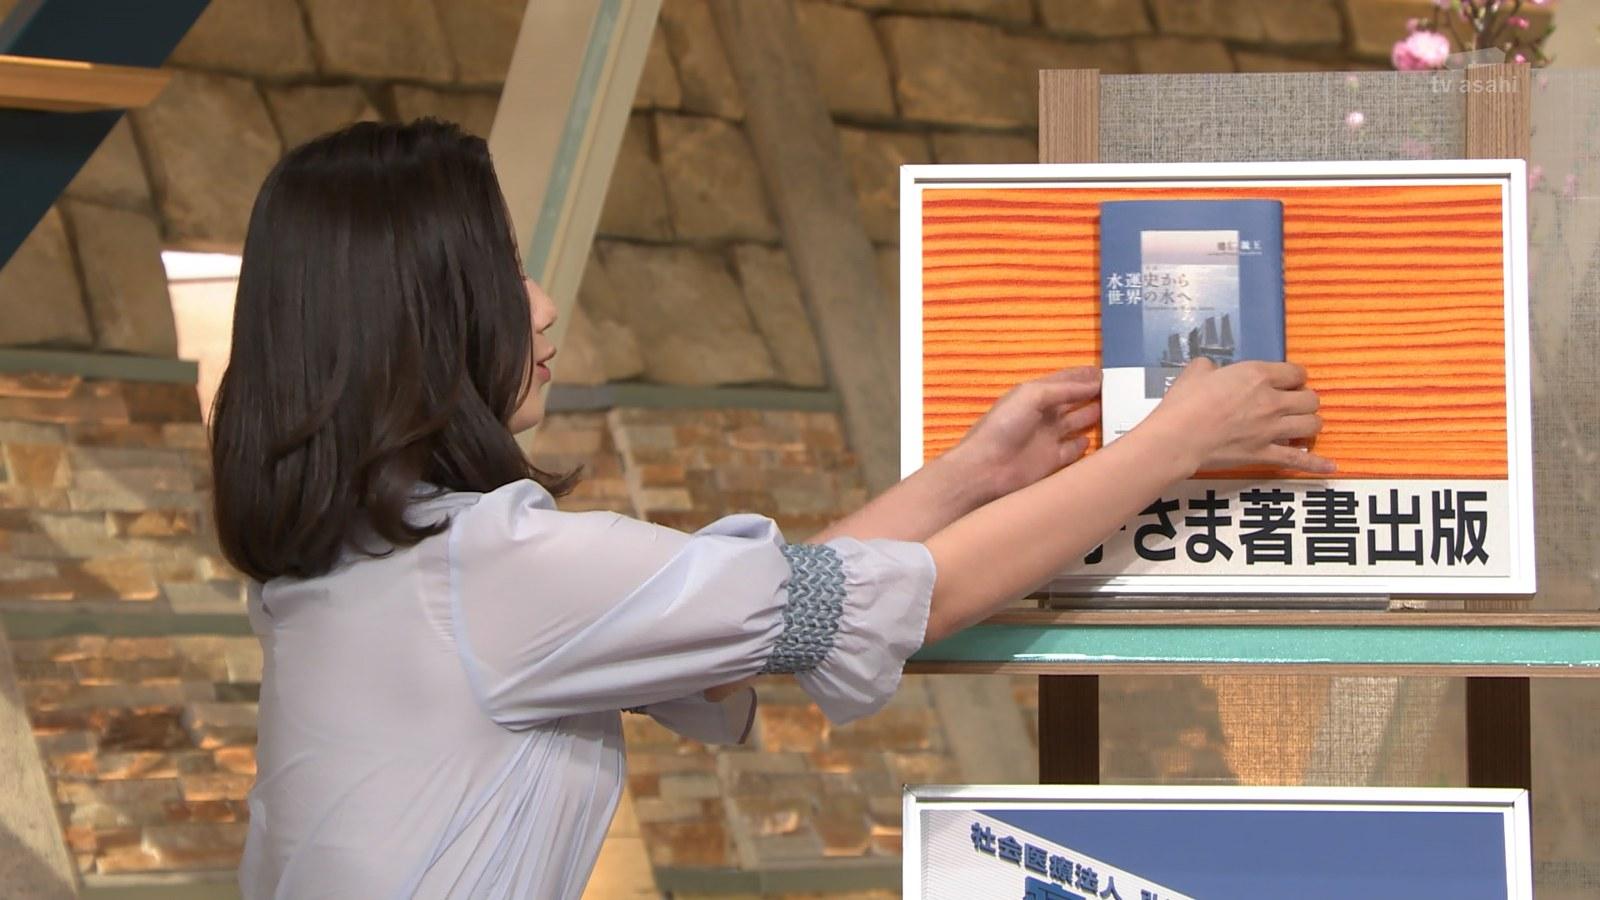 森川夕貴_女子アナ_スケスケ衣装_報道ステーション_17